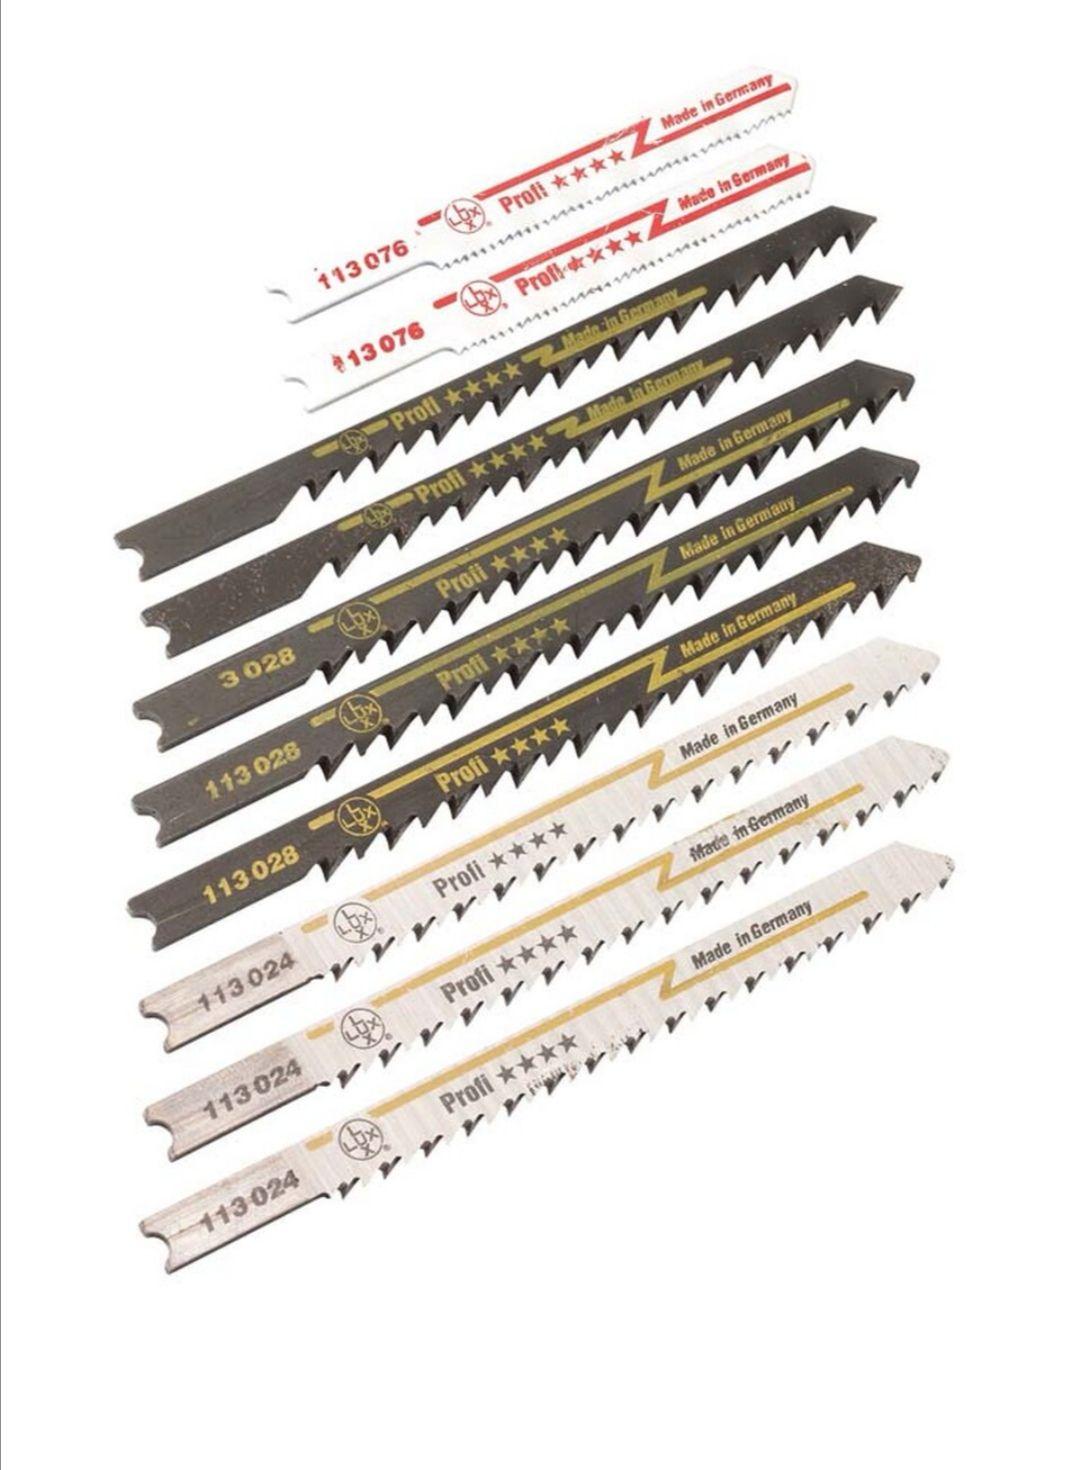 LUX Komplet brzeszczotów do wyrzynarki z uchwytem U 10 szt. Obi